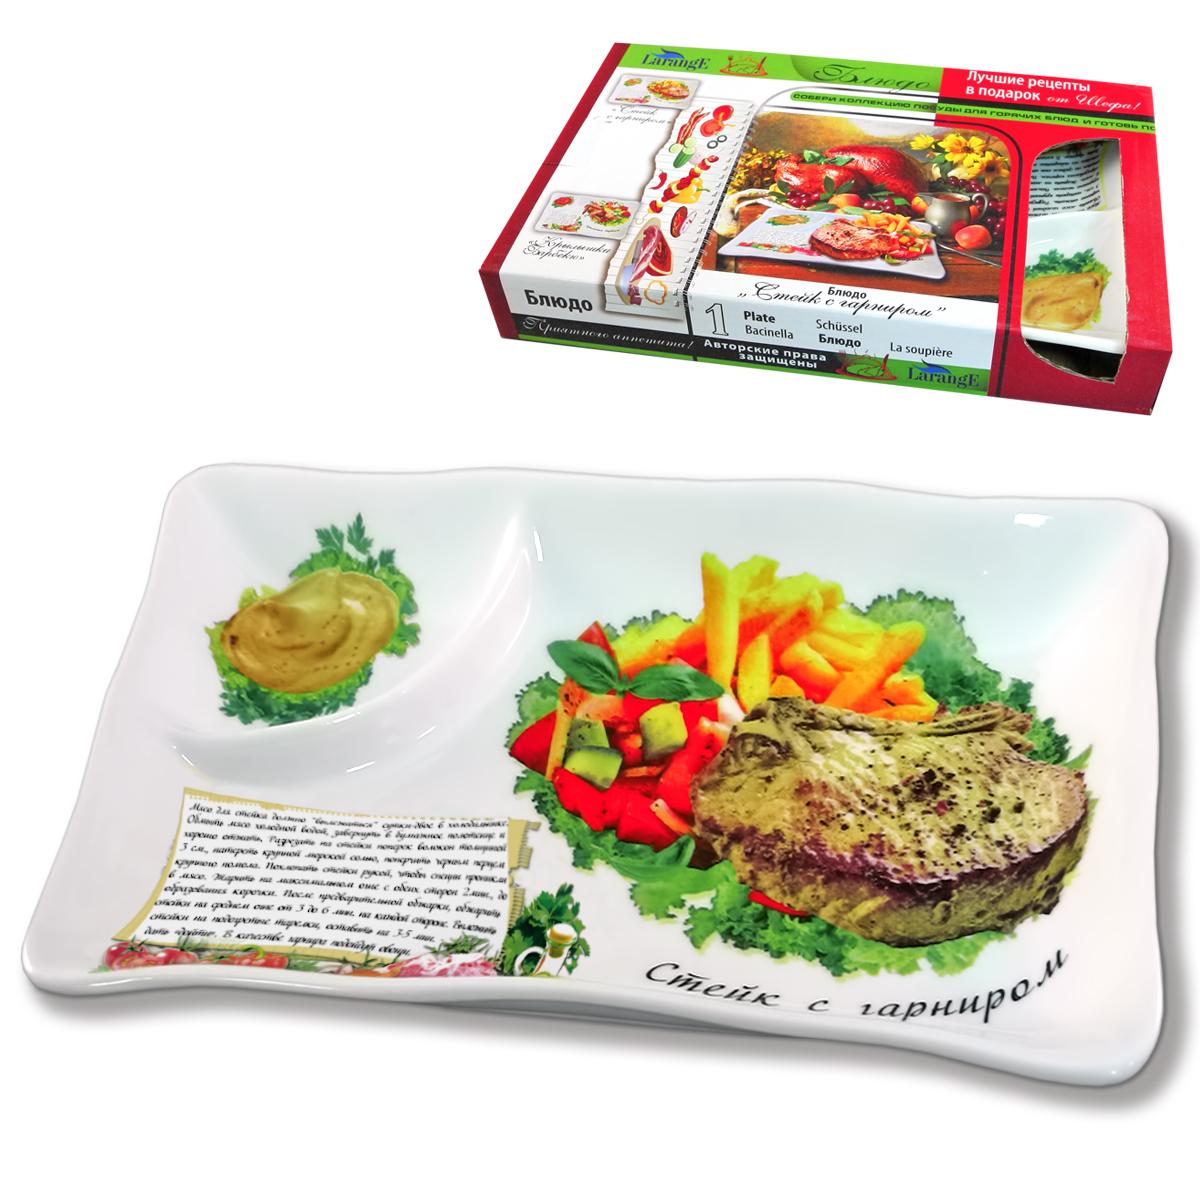 Блюдо LarangE Стейк с гарниром, 20,6 х 12,5 х 2,7 смW22042021Блюдо LarangE Стейк с гарниром, выполненное из высококачественного фарфора, порадует вас изящным дизайном и практичностью. Блюдо имеет дополнительное отделение для соуса. Стенки блюда декорированы изображением стейка с гарниром. Кроме того, для упрощения процесса приготовления на стенках написан рецепт. В комплект прилагается небольшой буклет с рецептами любимых блюд.Такое блюдо украсит ваш праздничный или обеденный стол, а оригинальное исполнение понравится любой хозяйке.Можно использовать в микроволновой печи, духовом шкафу, посудомоечной машине, холодильнике. Не применять абразивные чистящие вещества.